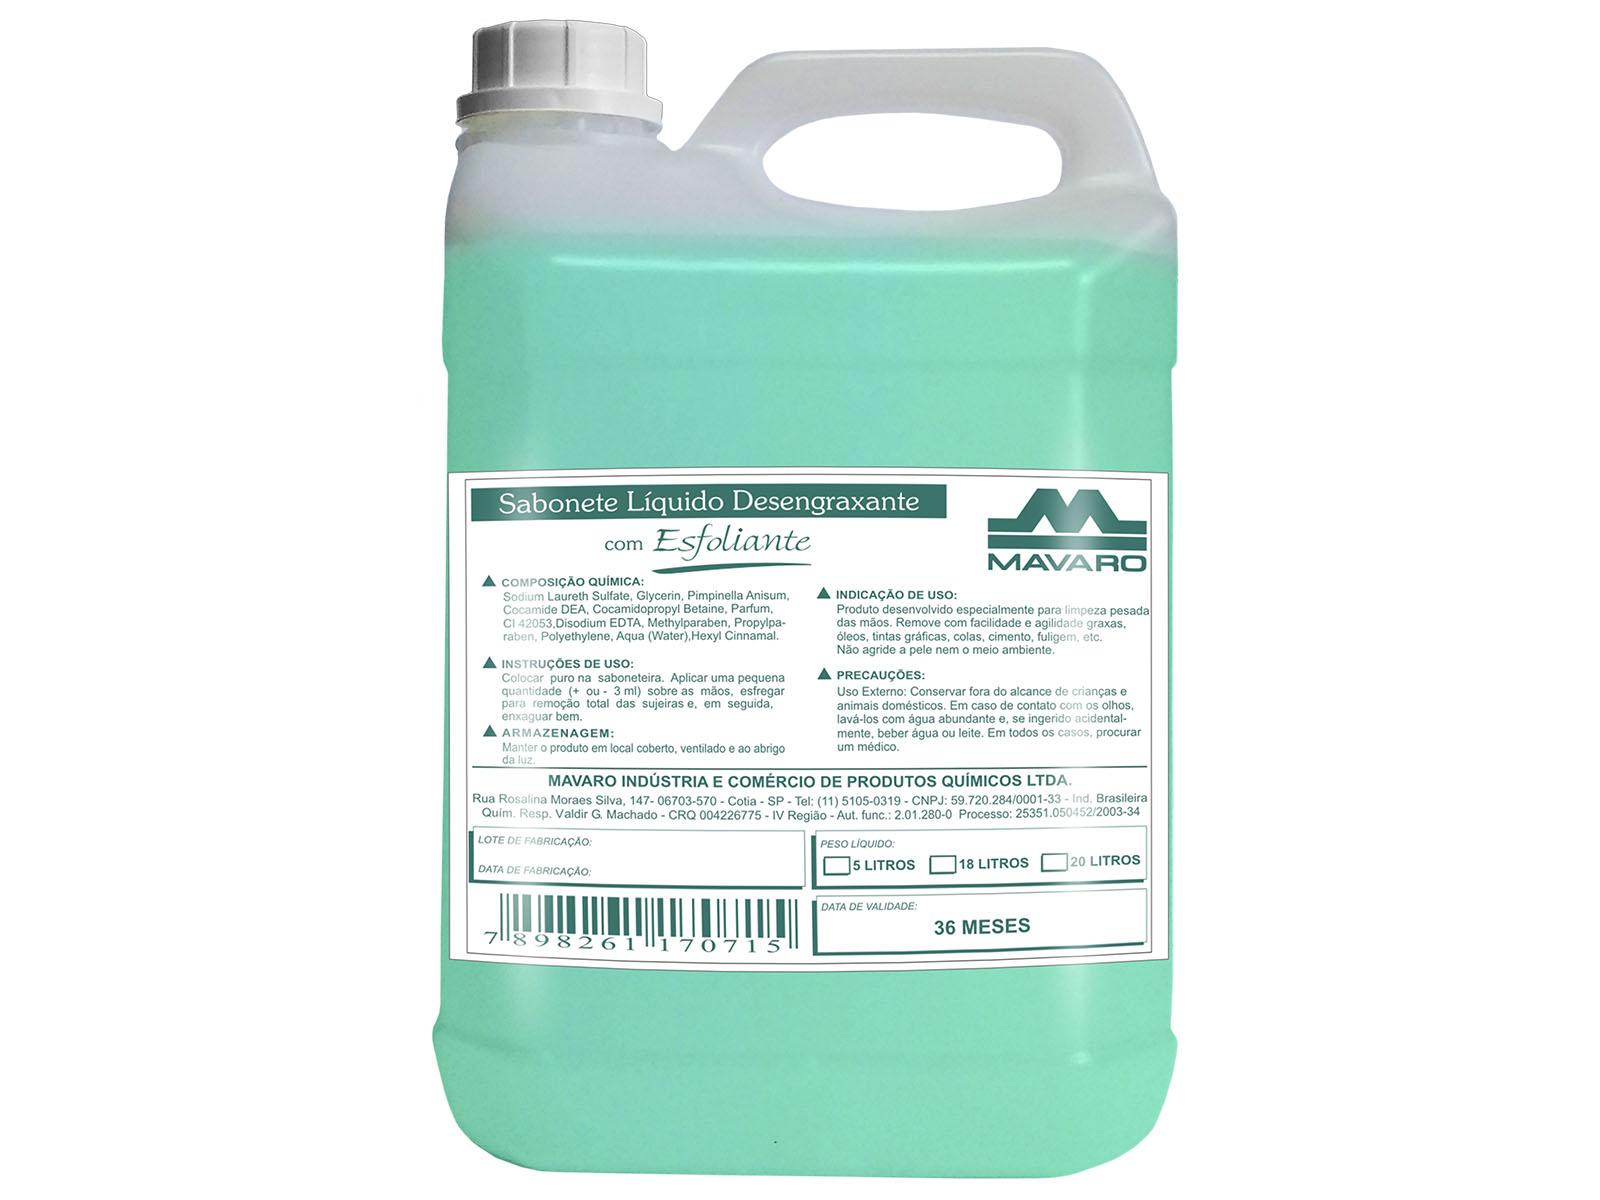 Sabonete líquido desengraxante com esfoliante.